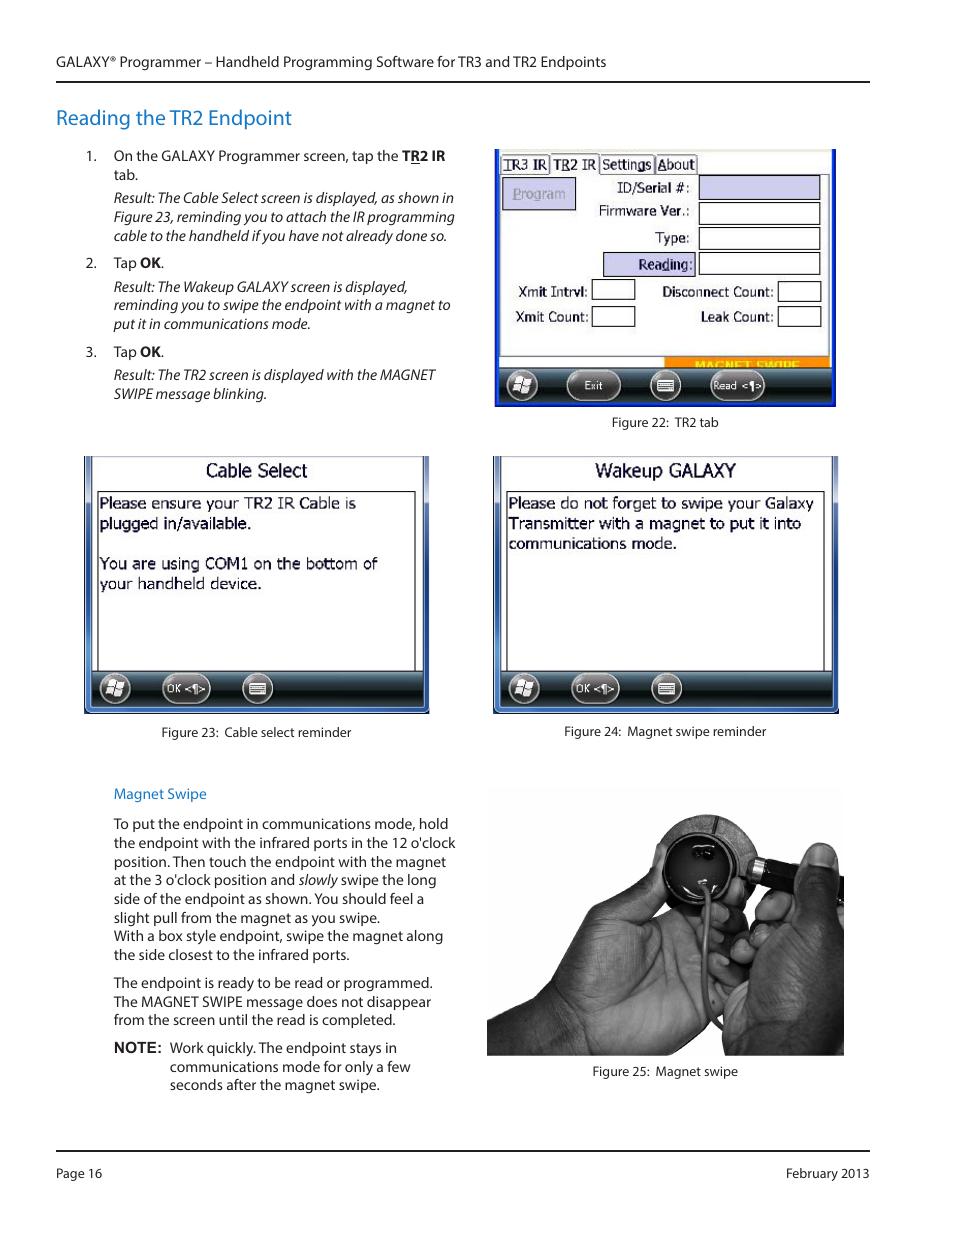 Badger Meter Galaxy User Manual Manual Guide